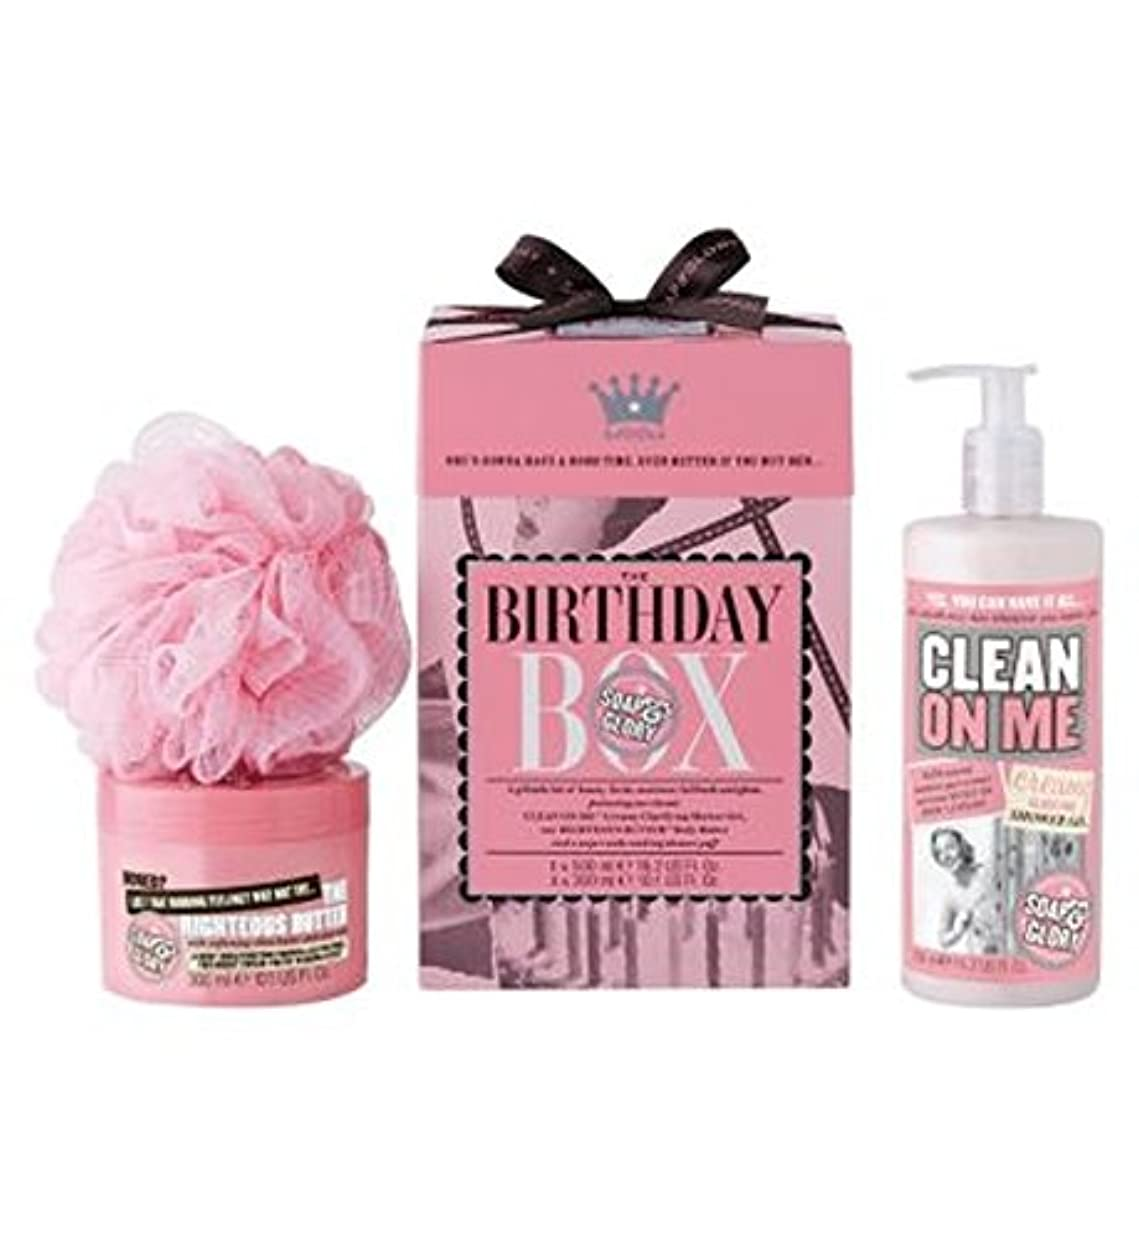 コンパイル倉庫割れ目Soap & Glory The Birthday Box Gift Set - 石鹸&栄光の誕生日箱のギフトセット (Soap & Glory) [並行輸入品]